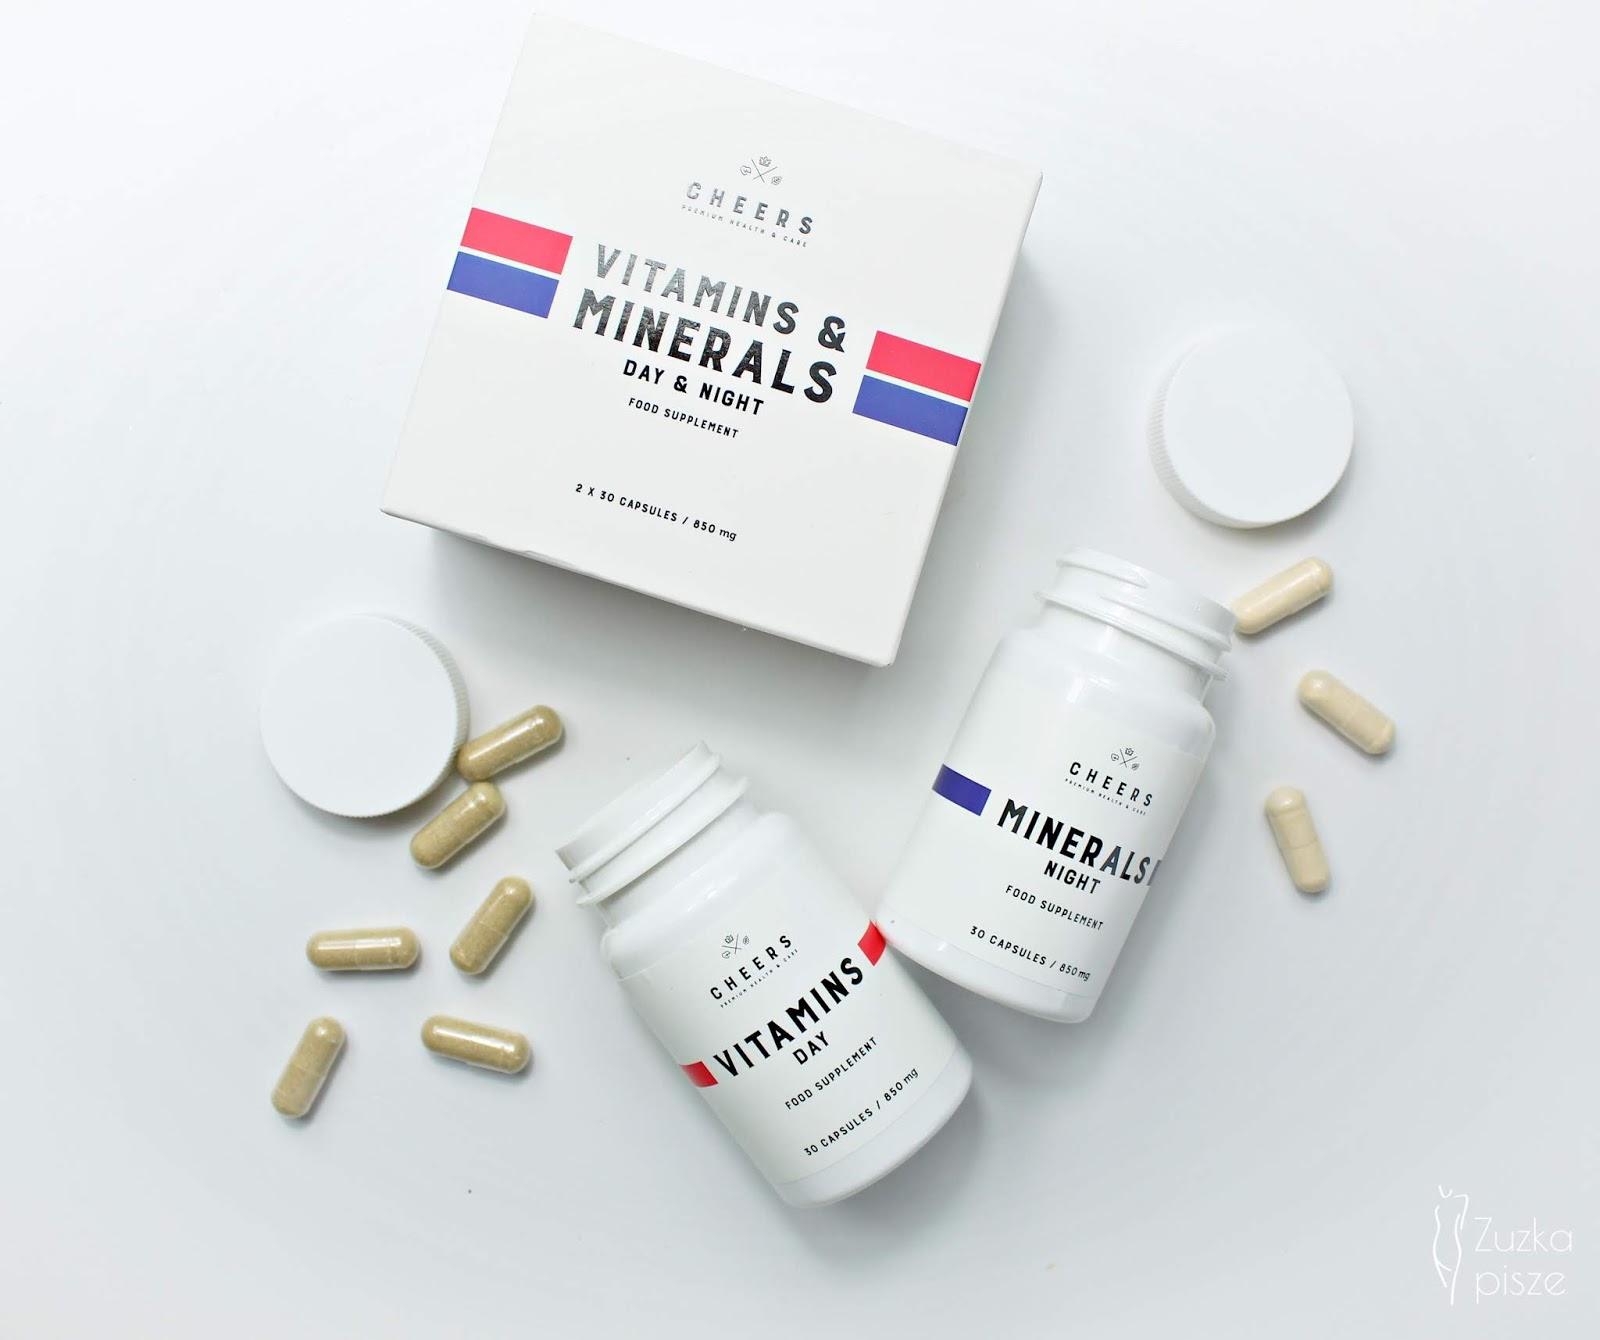 Naturalne witaminy i minerały bez sztucznych dodatków - CHEERS